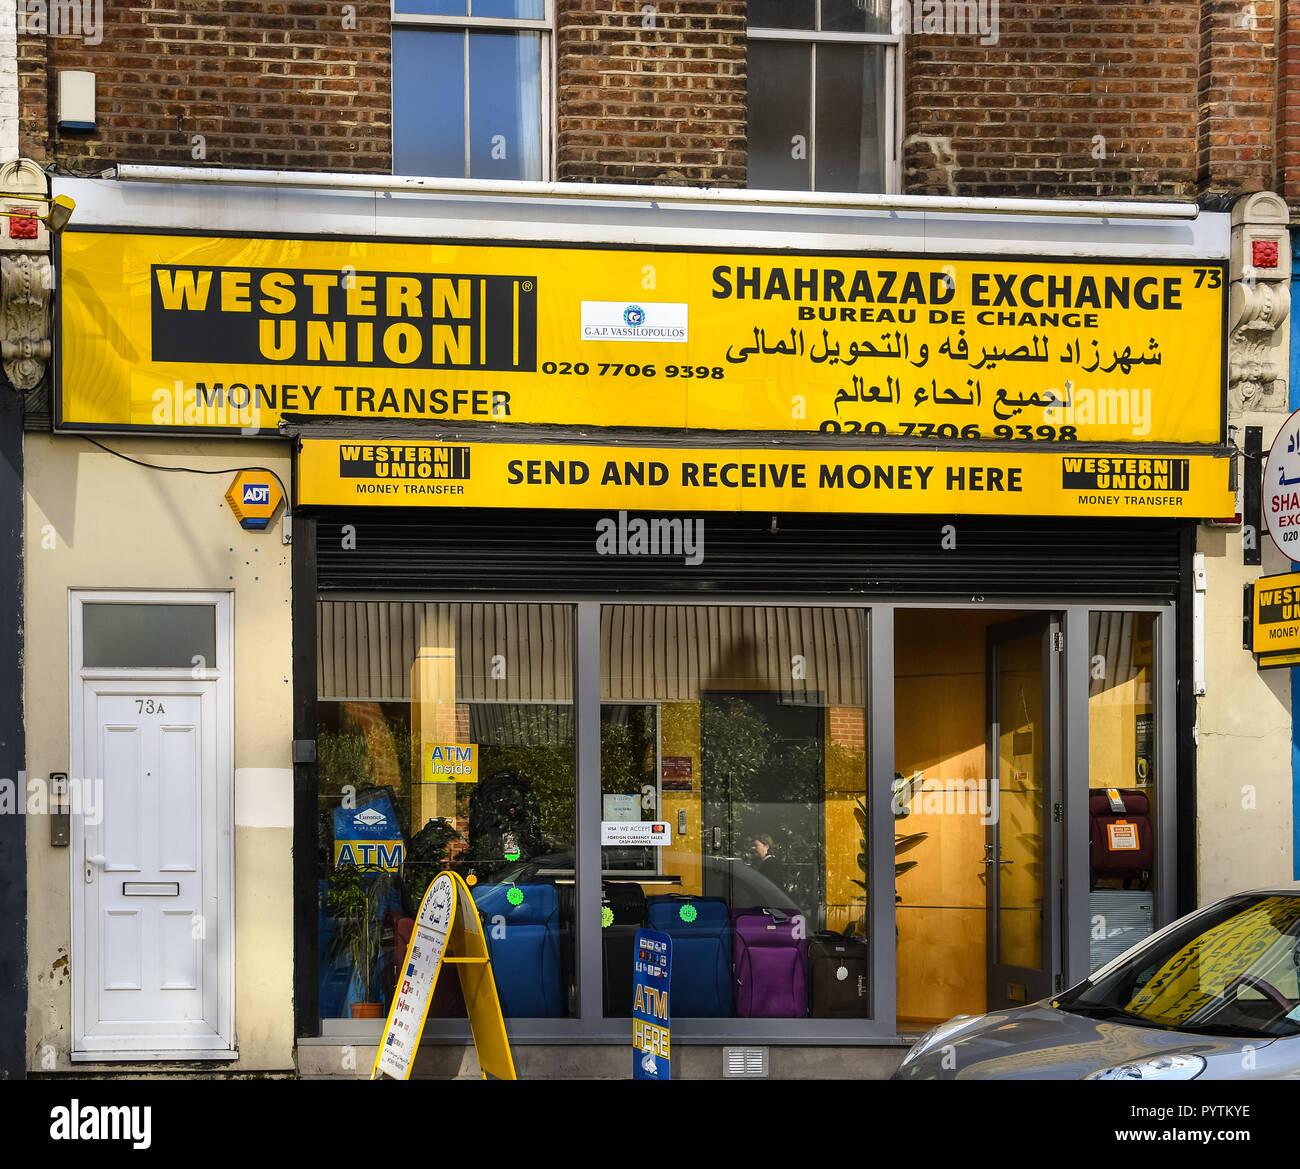 london united kingdom october 18 2018 the frontage of western union and shahrazad exchange bureau on praed st